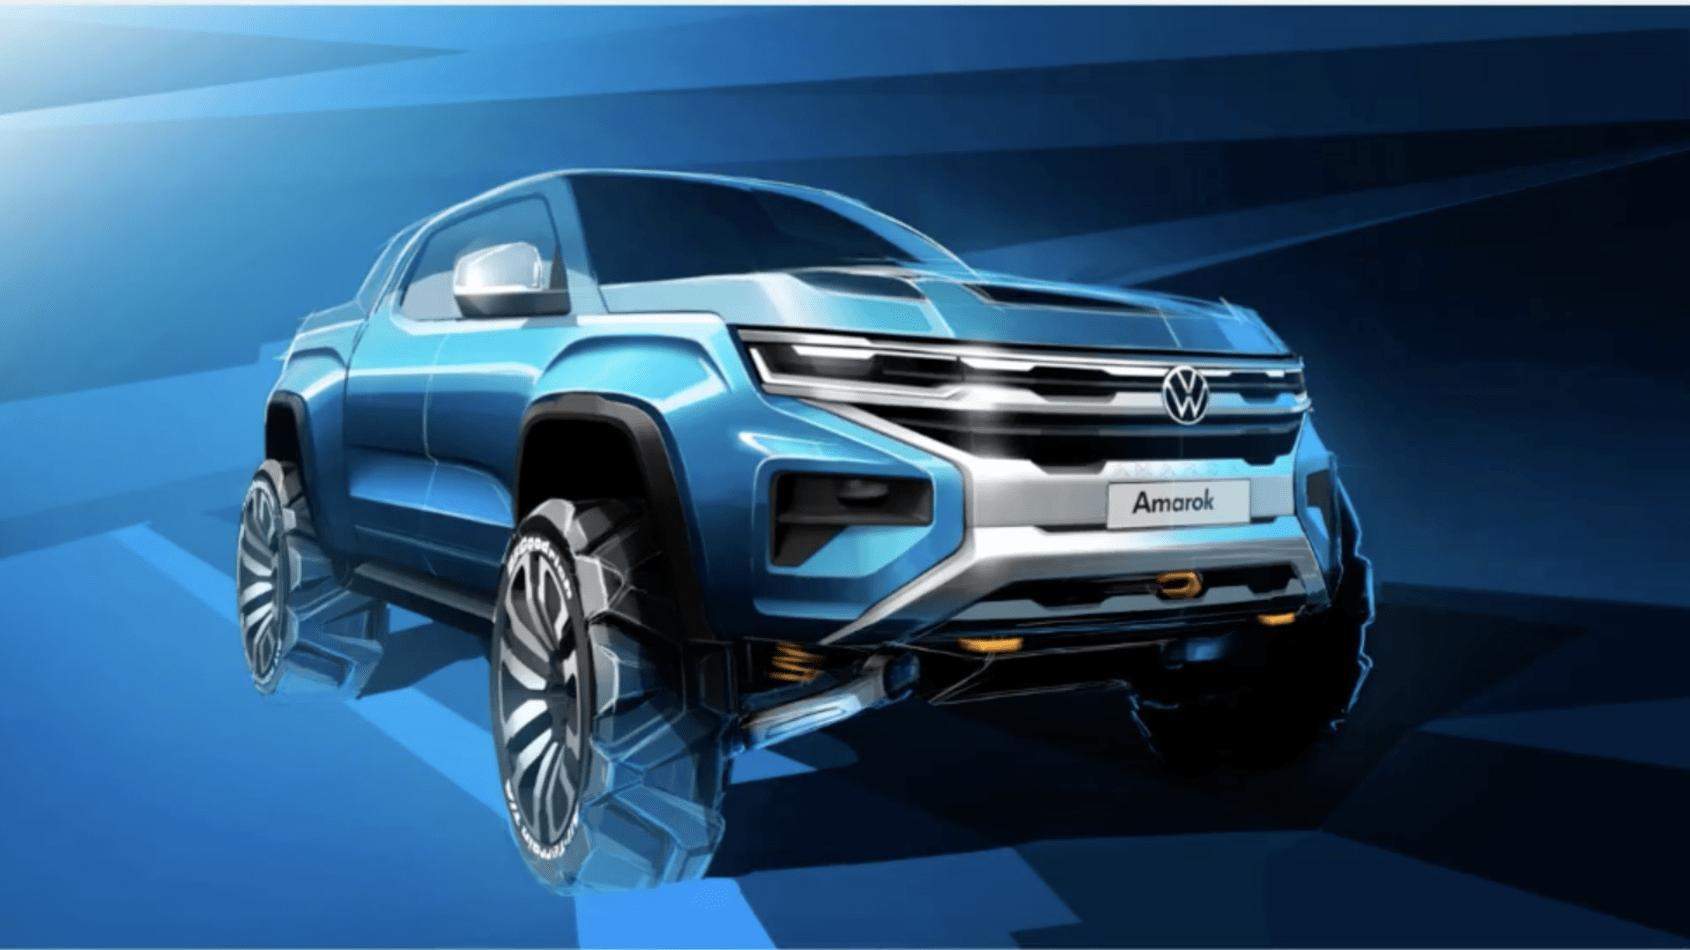 2022 Volkswagen Amarok teased